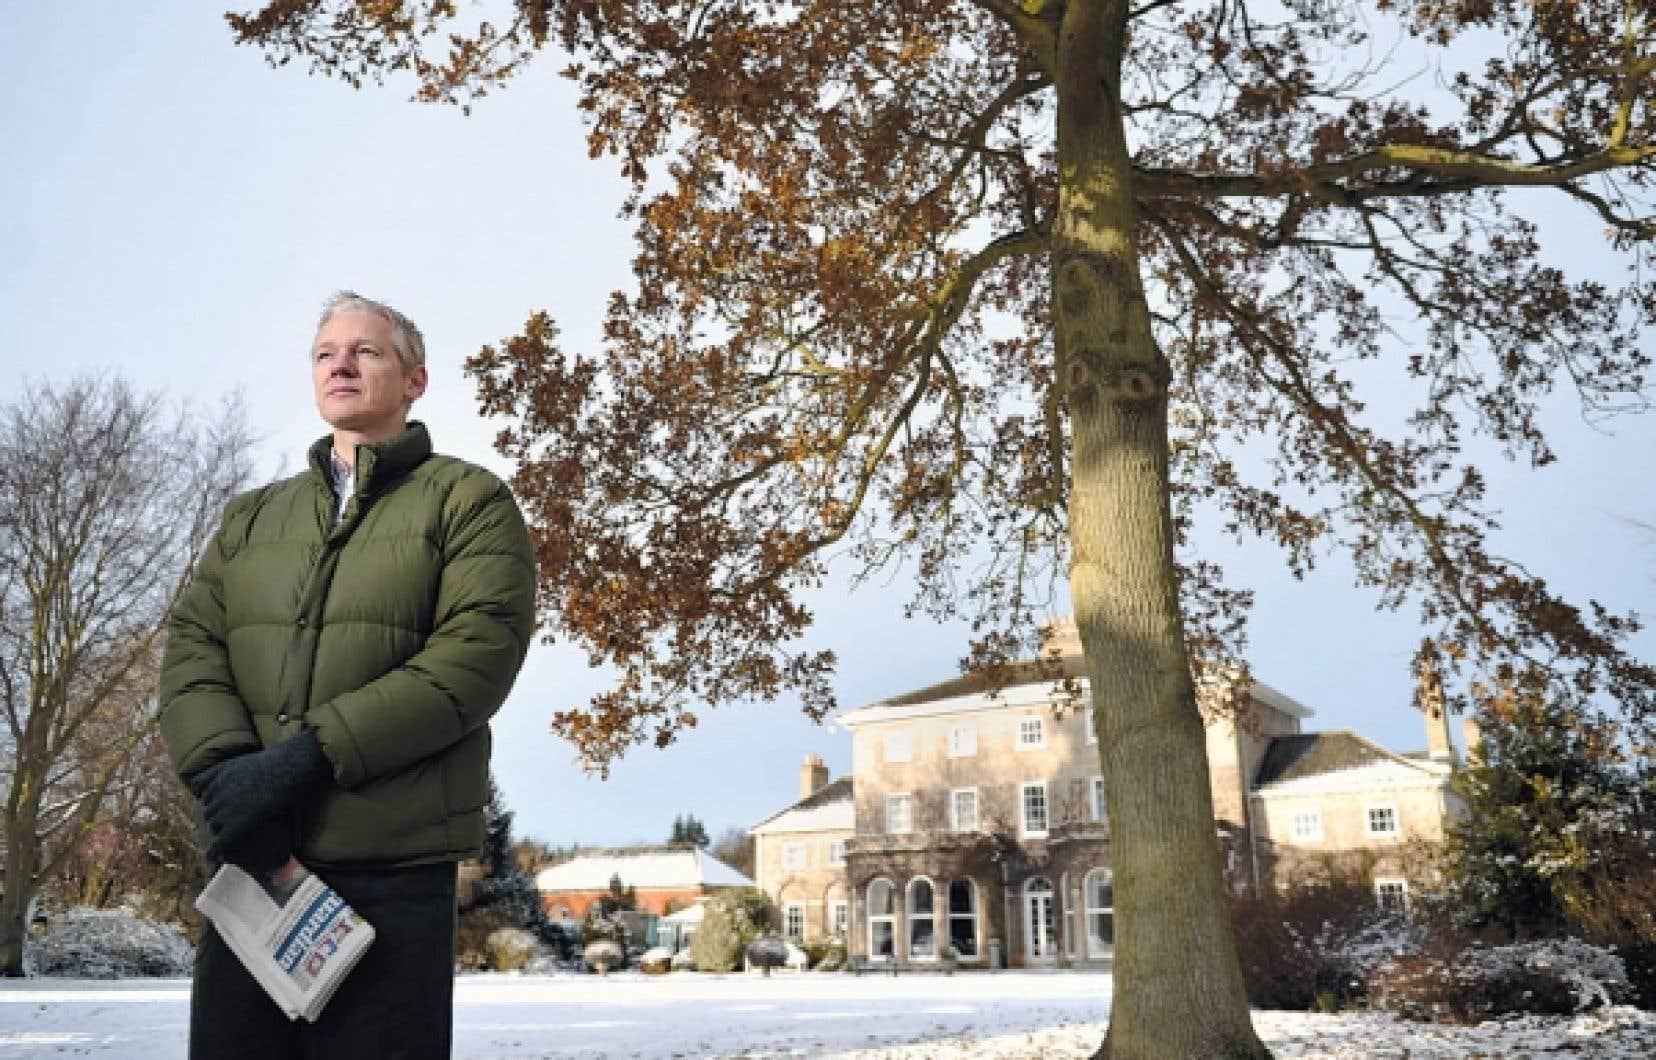 Julian Assange est assigné à demeure dans le manoir d'Ellingham Hall, où l'accueille un de ses amis. Il est soumis à un couvre-feu et porte un bracelet électronique.<br />